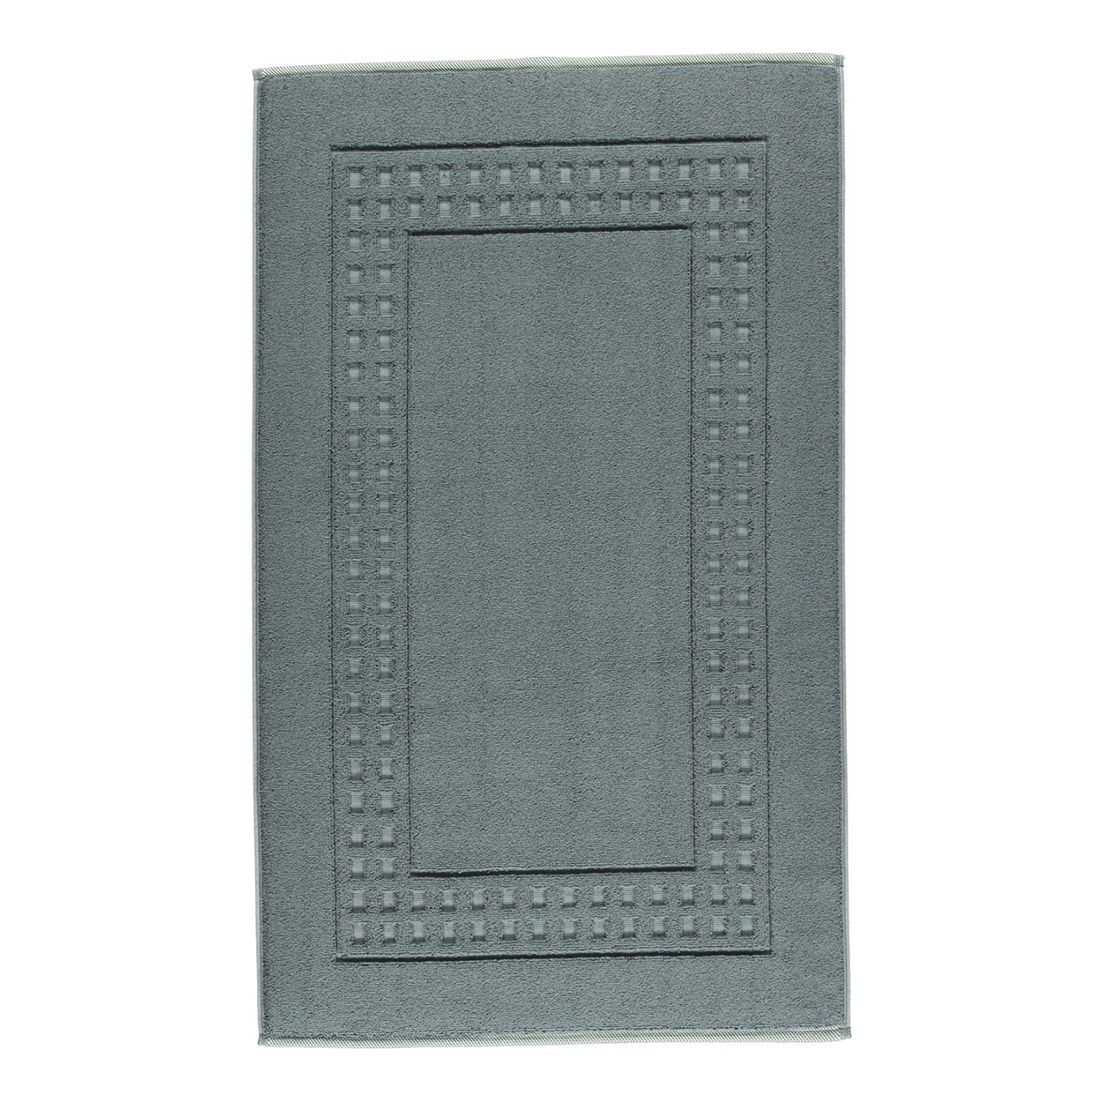 Badteppich Country – 100% Baumwolle flanell/ivory – 041 – Abmessungen: 60 x 100 cm, Vossen online bestellen